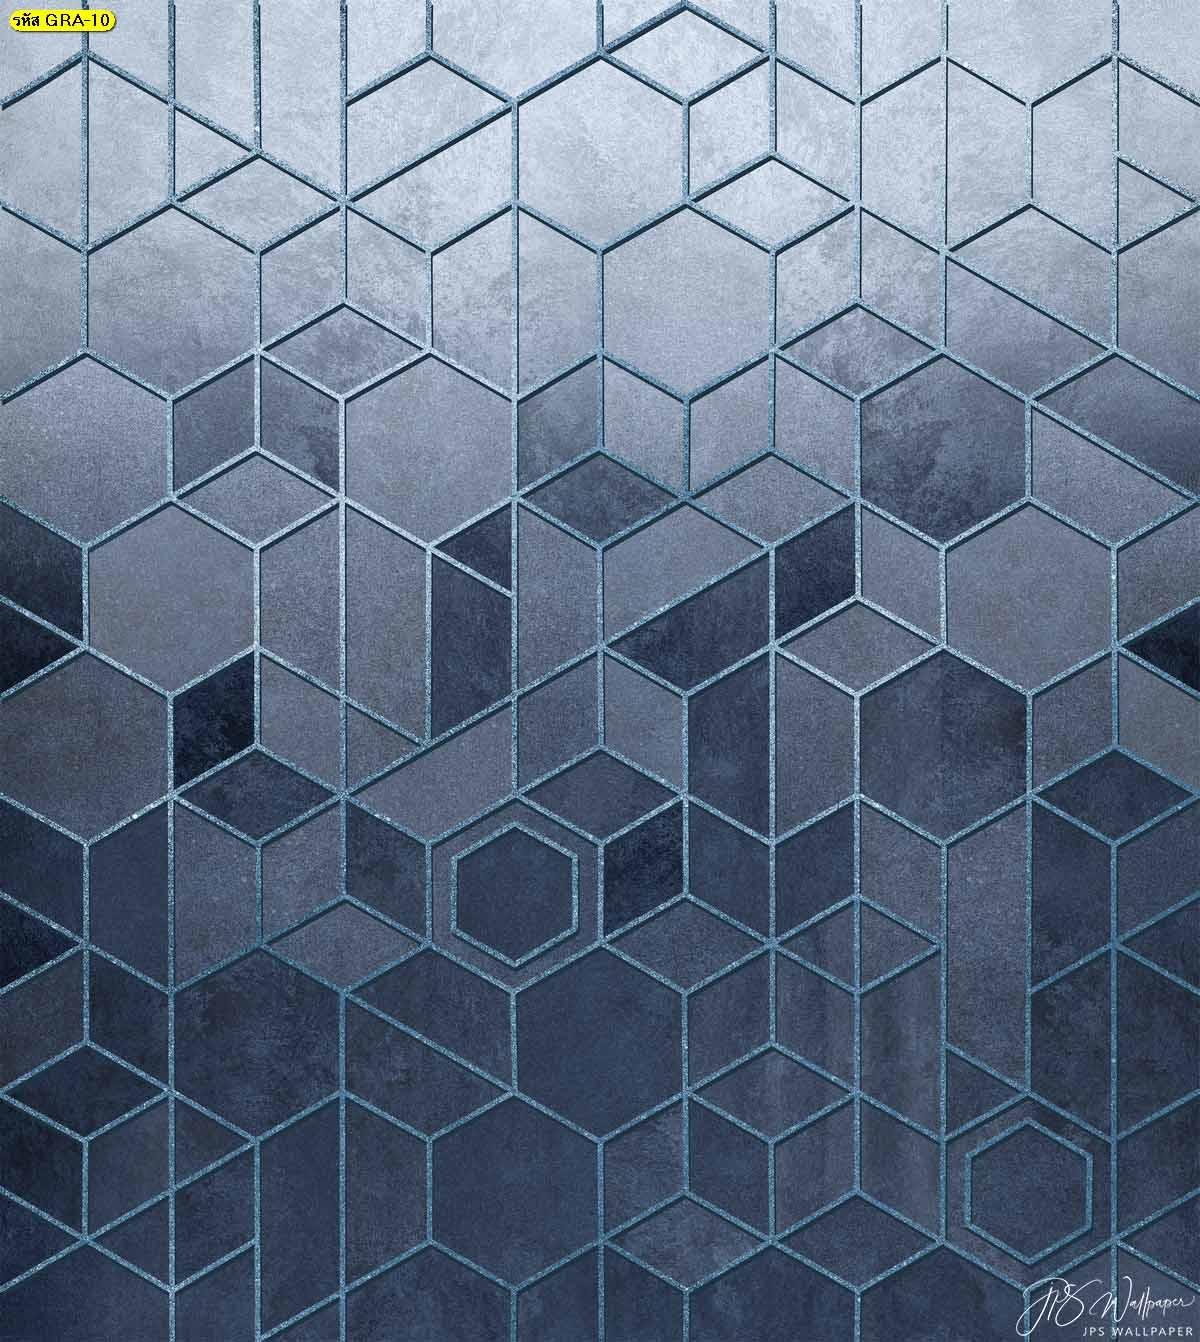 วอลเปเปอร์ติดผนังหกเหลี่ยมขอบสีฟ้าพื้นหลังสีฟ้าไล่ระดับ ภาพสั่งทำติดผนังลายกราฟิก